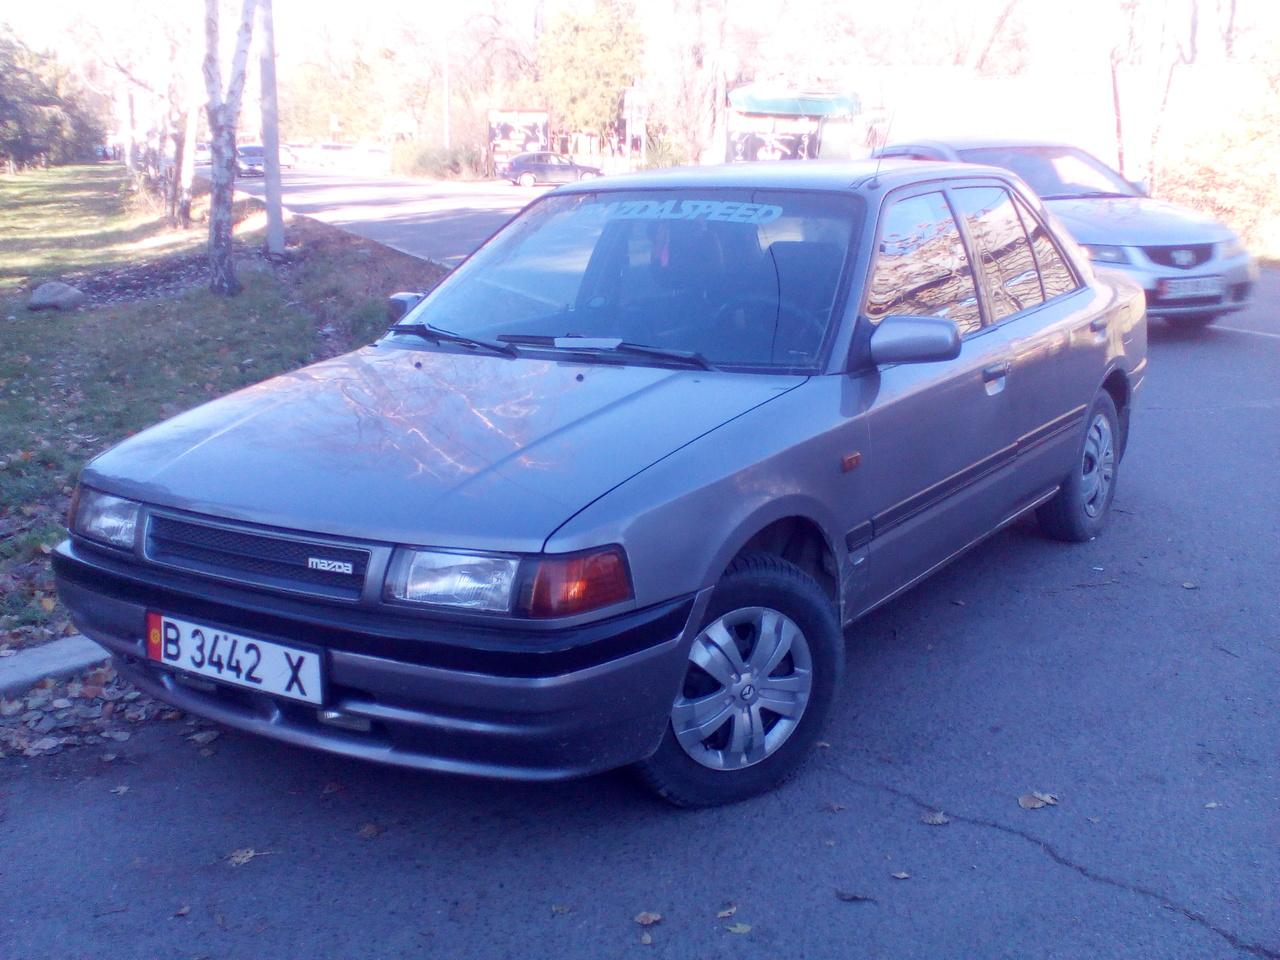 mazda 323, седан, 1990- как прочистить инжектор